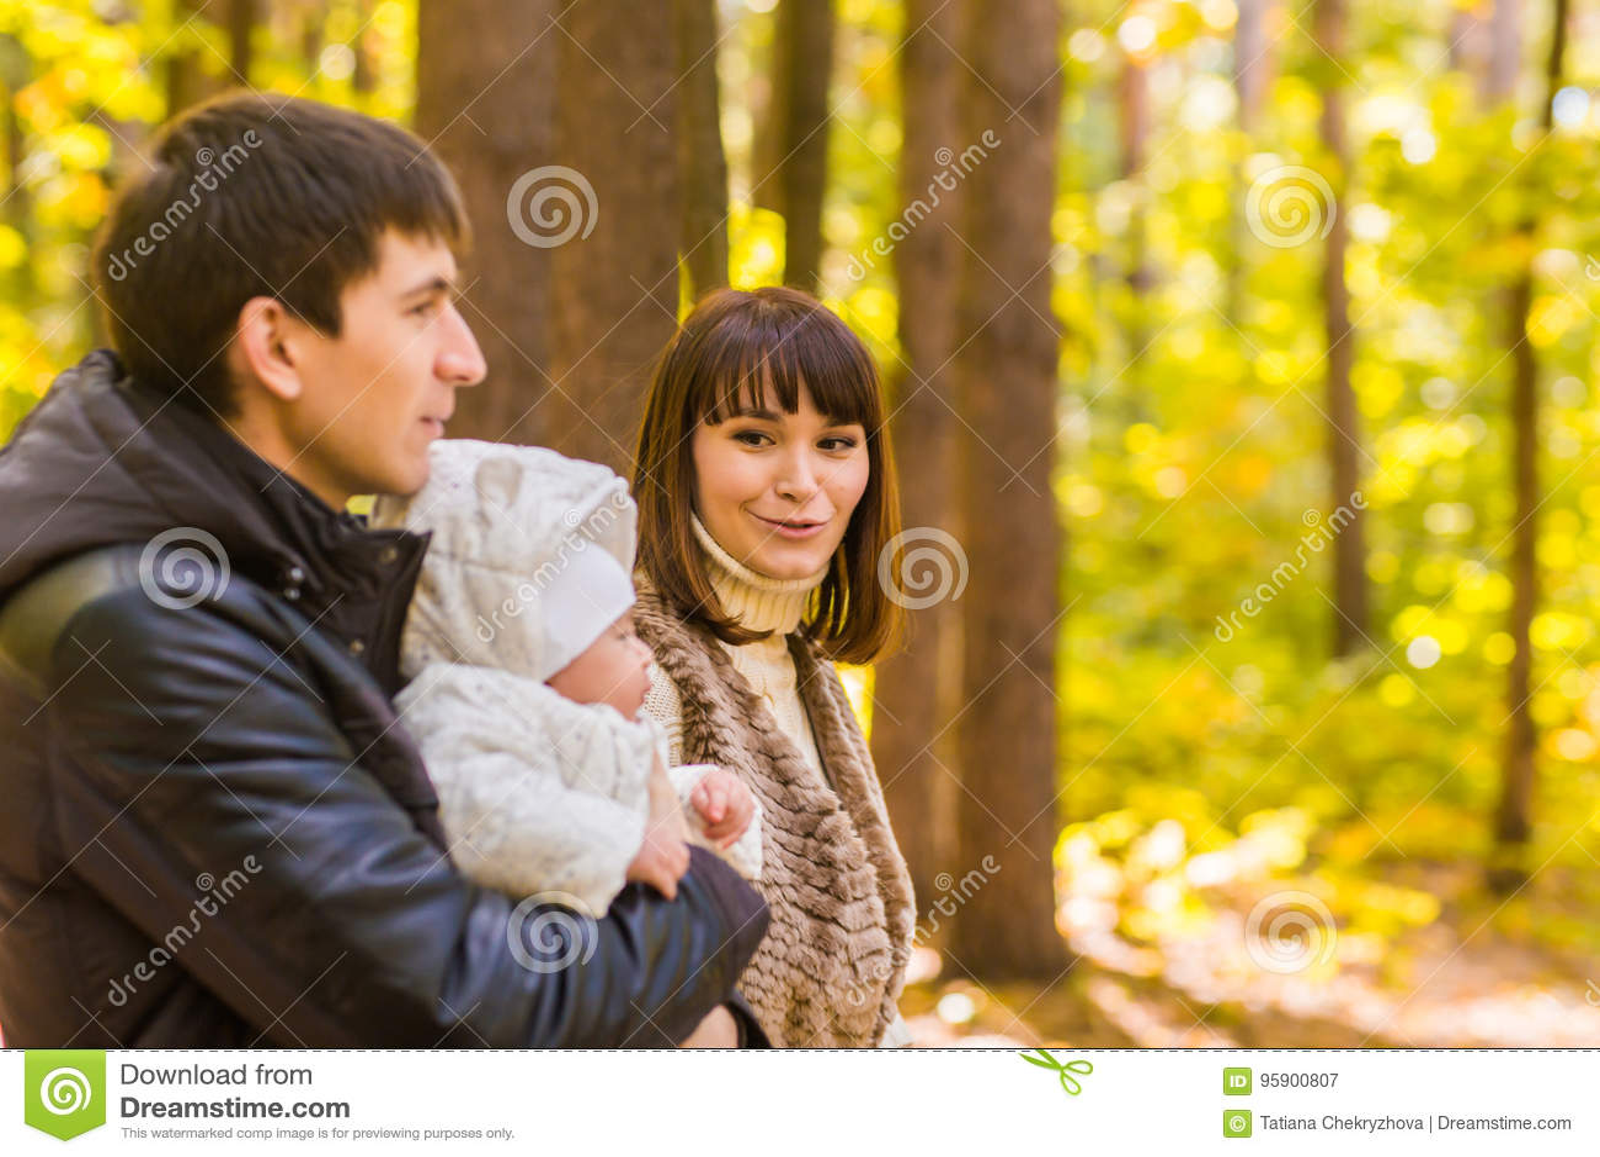 愉快的年轻家庭在秋天公园户外在一个晴天 母亲、父亲和他们的小男婴进来